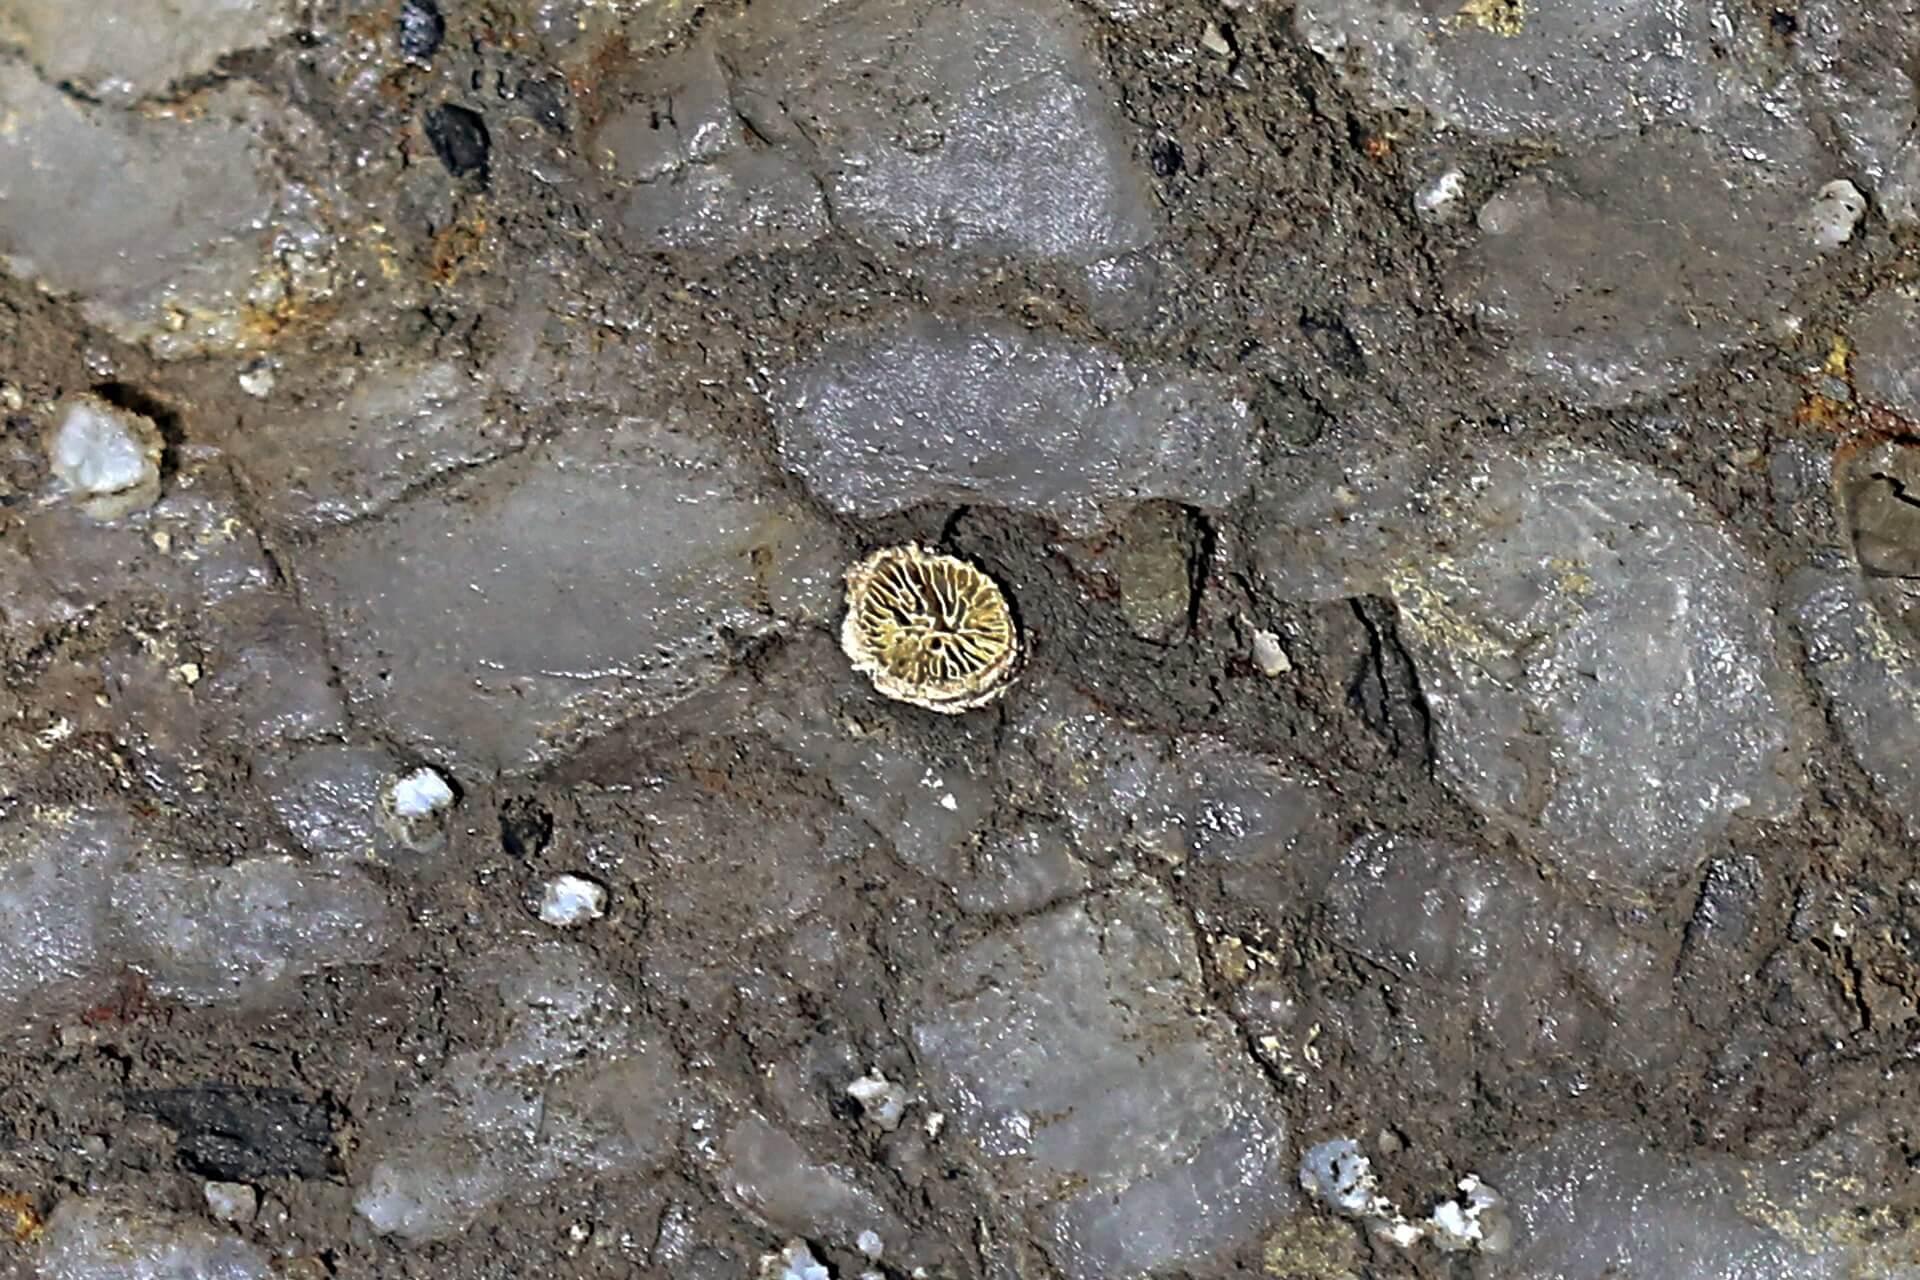 Skamieniałość koralowca uwięziona w soli